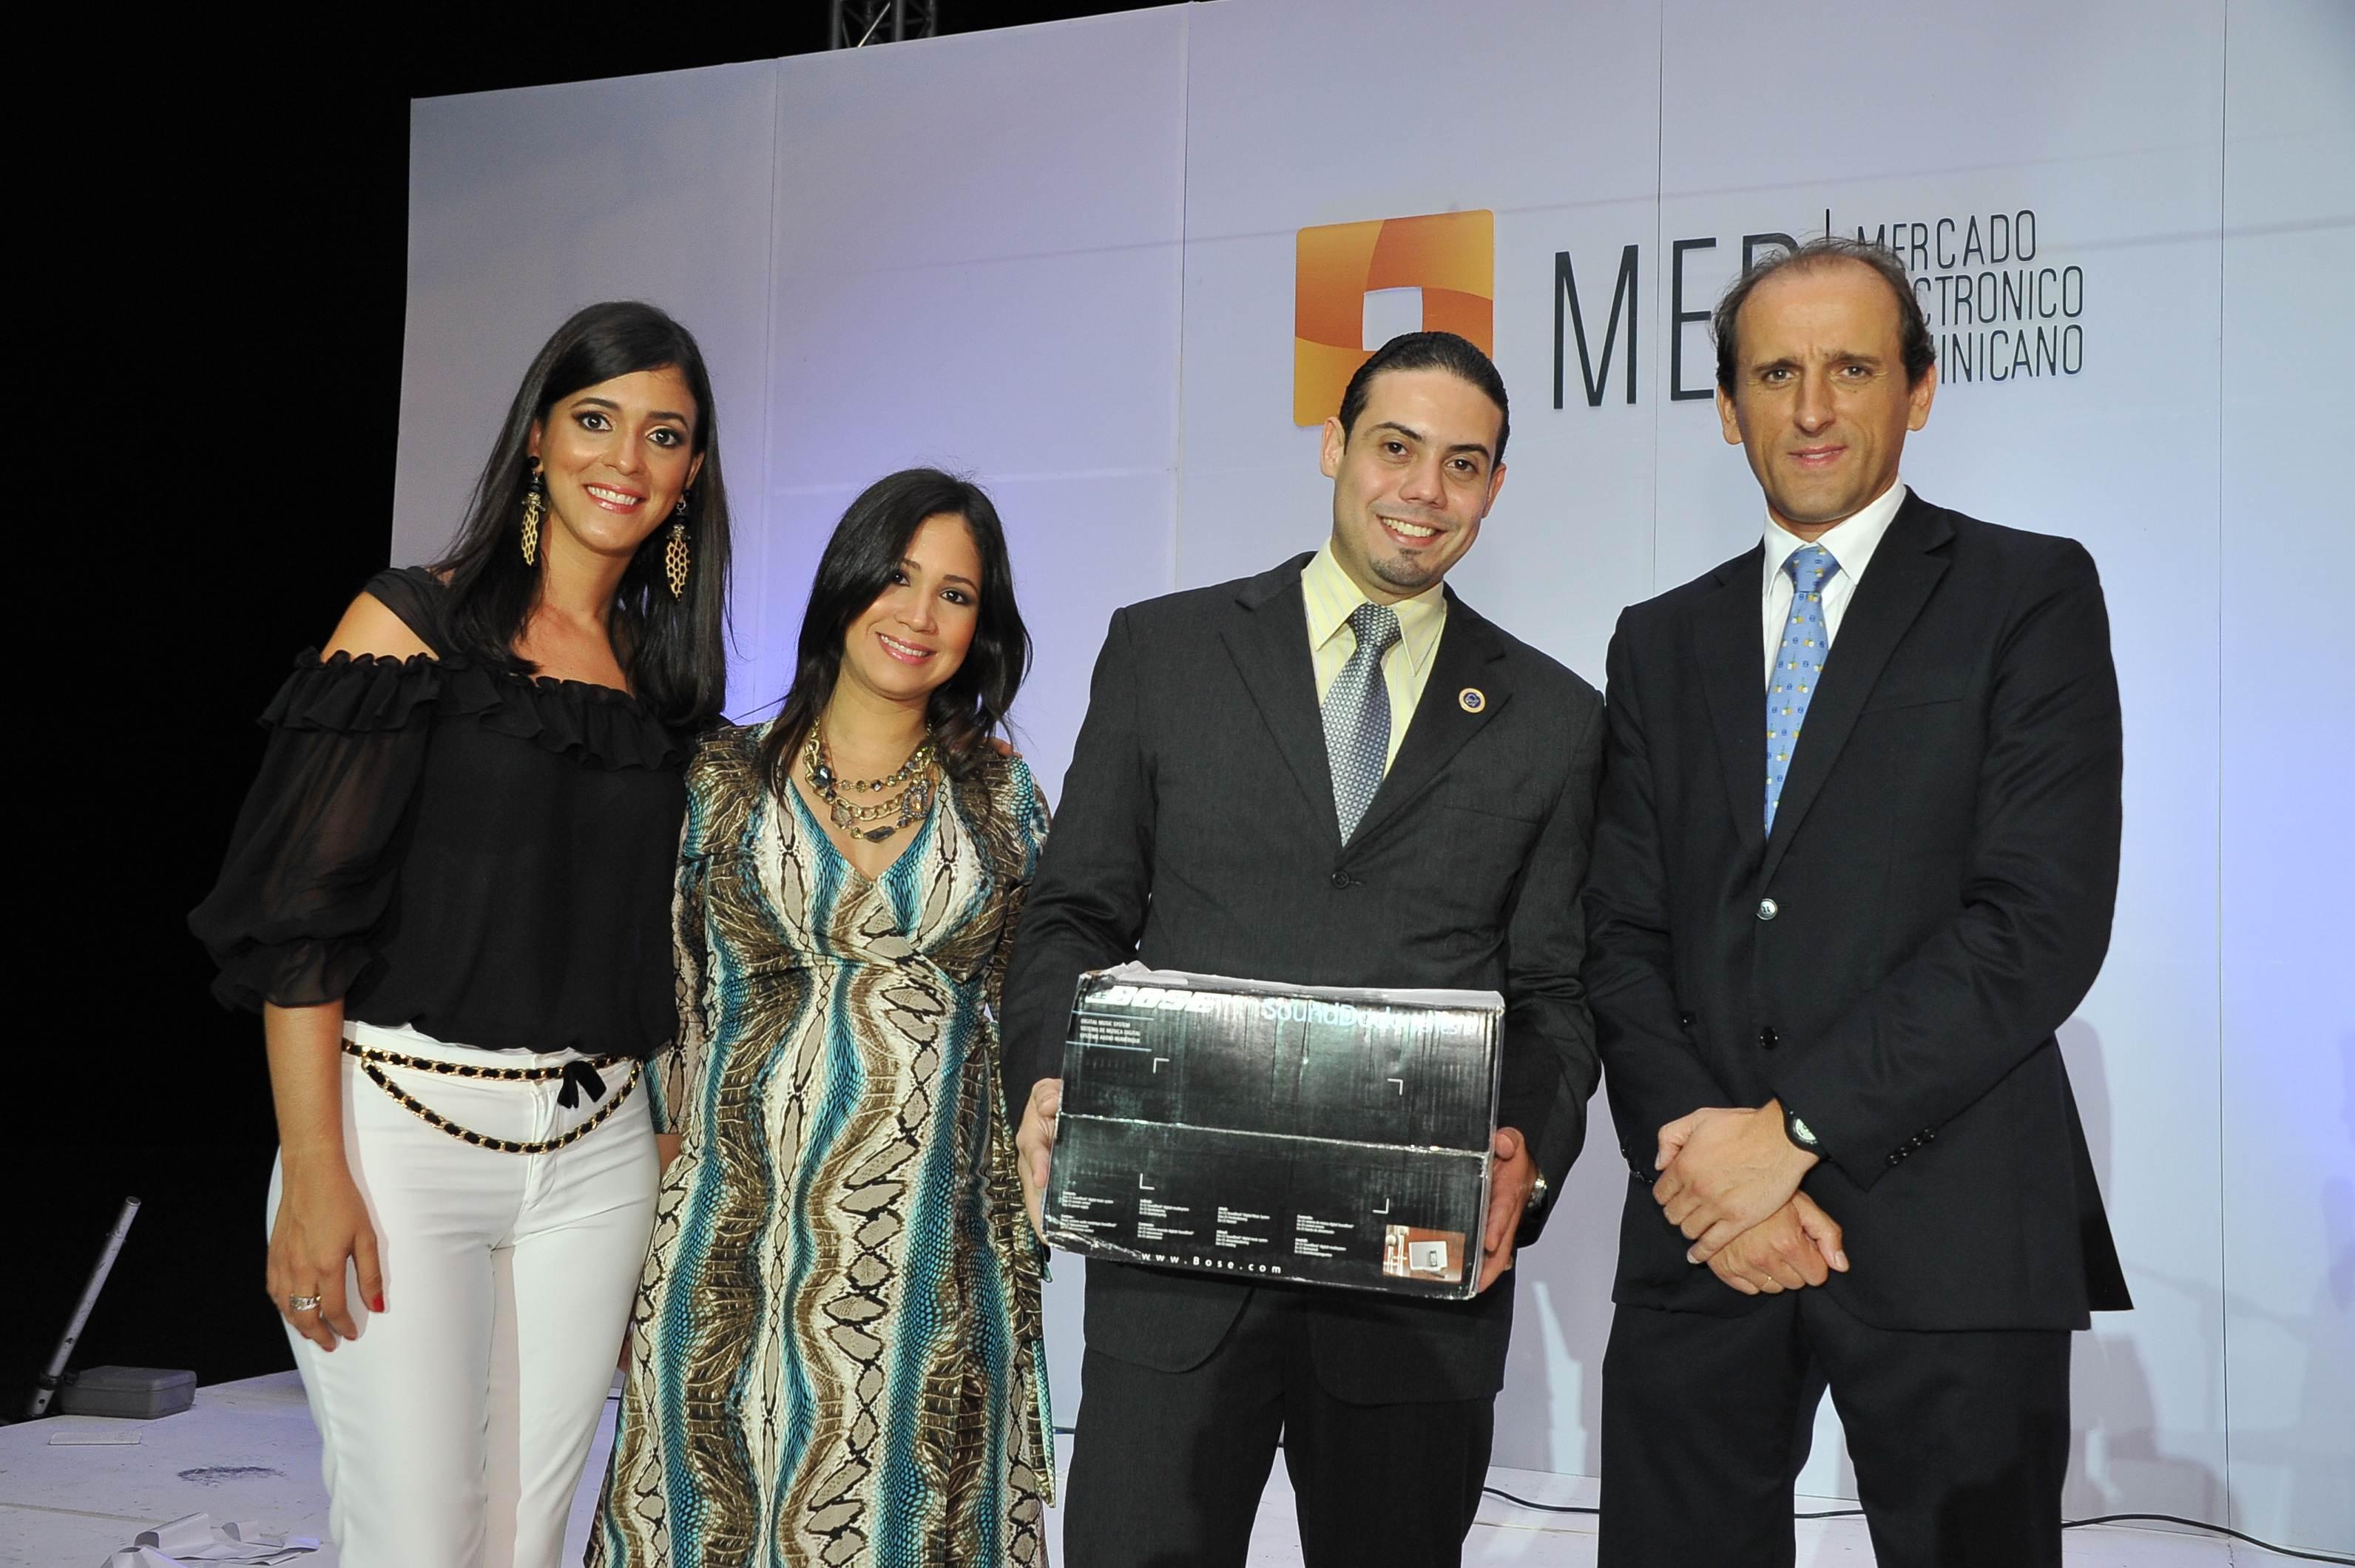 Premio-Bose Speaker-Ganador-Carlos Martinez (Asoc.Cibao)-Entregan-Ruth Mendez-Laura Nunez-Juan Manuel Barranco